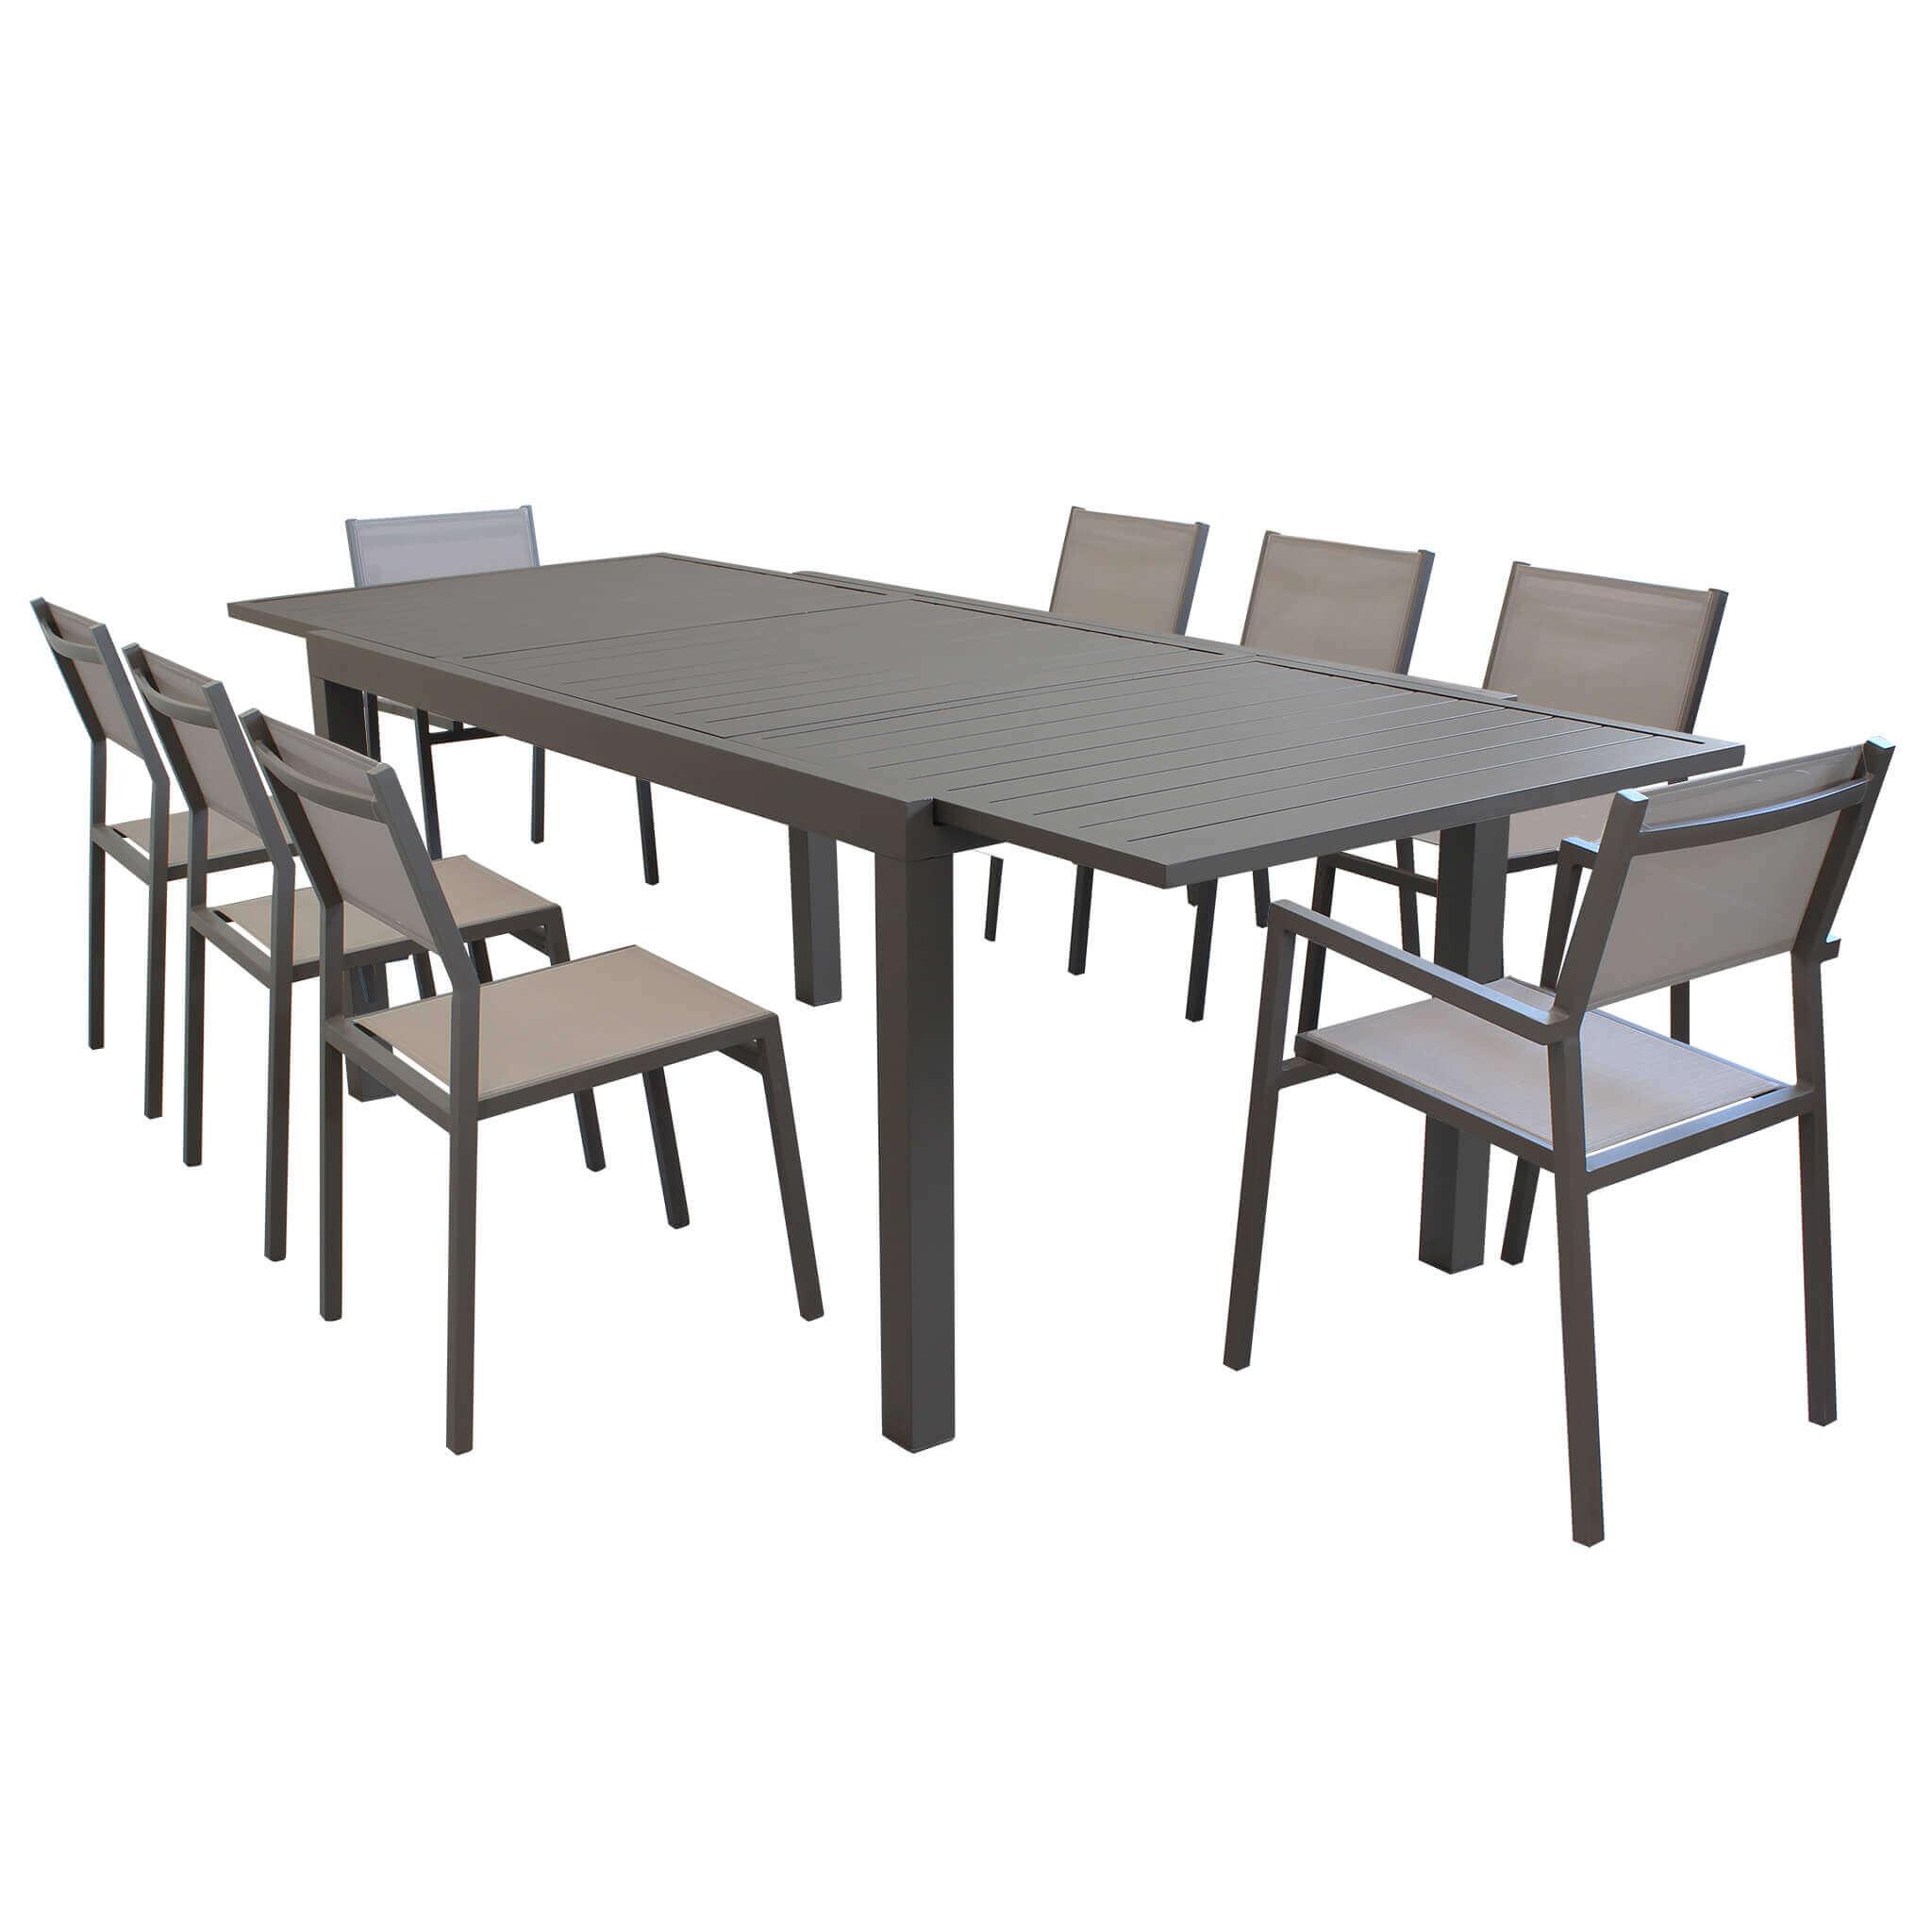 Milani Home DEXTER - set tavolo 160/240 x 90 struttura e piano in alluminio compreso di 8 sedute